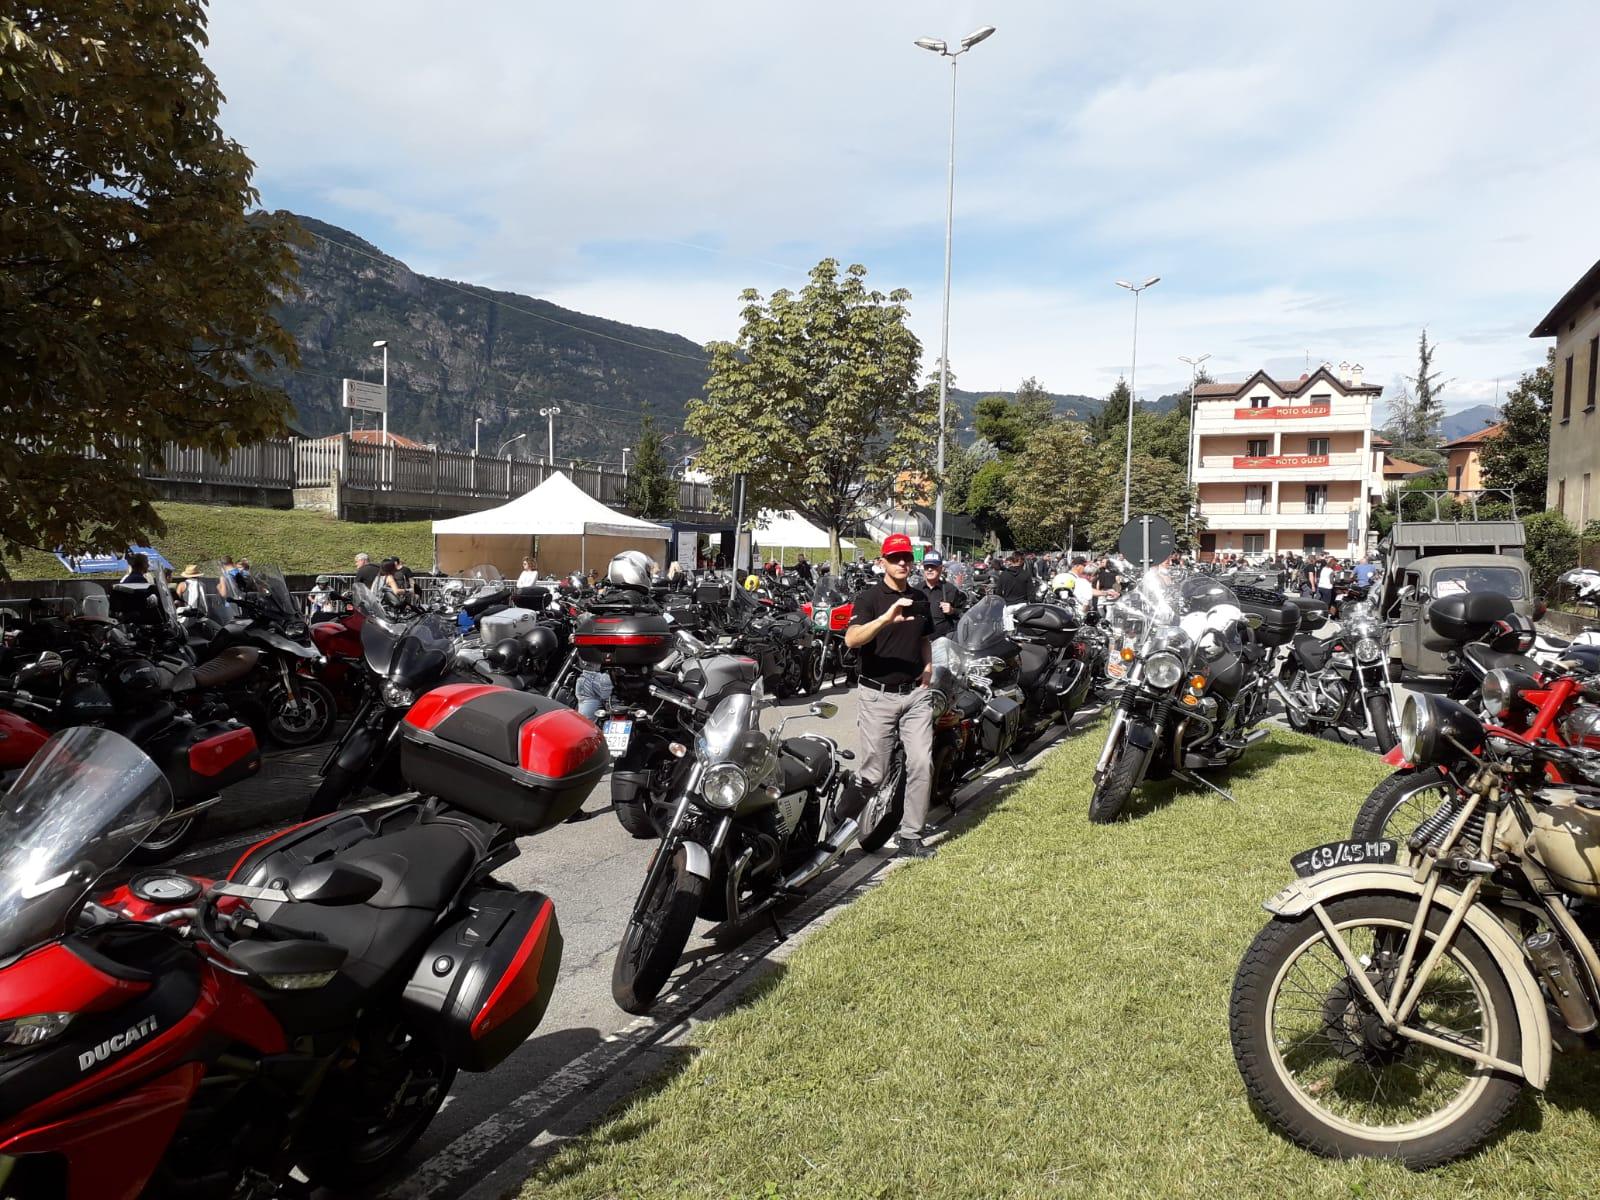 Moto Guzzi Raduno 2019 (5).jpeg